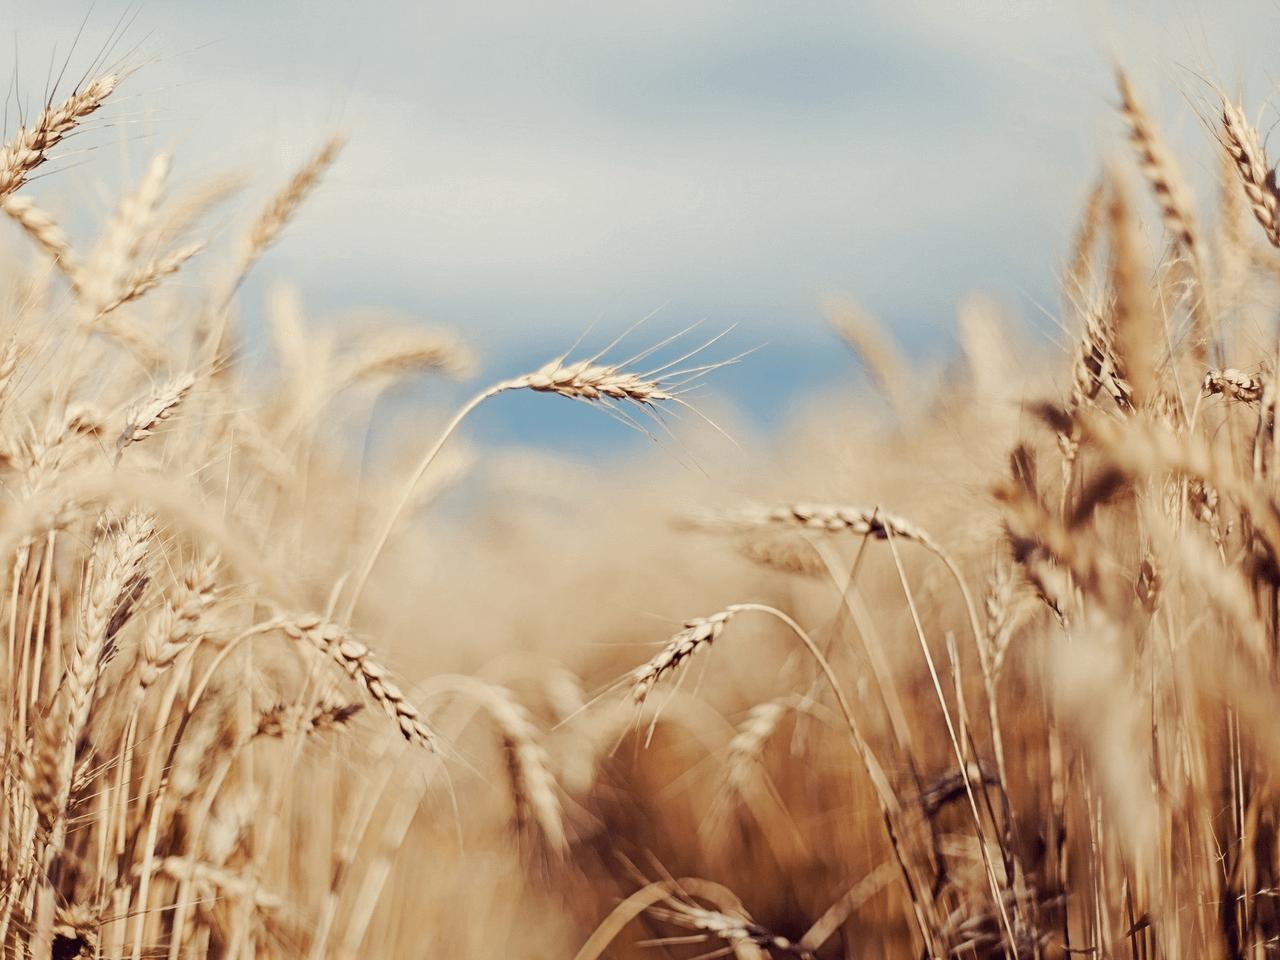 Buğday ve Mahlut İthalatındaki Tarife Kontenjanı Artırıldı